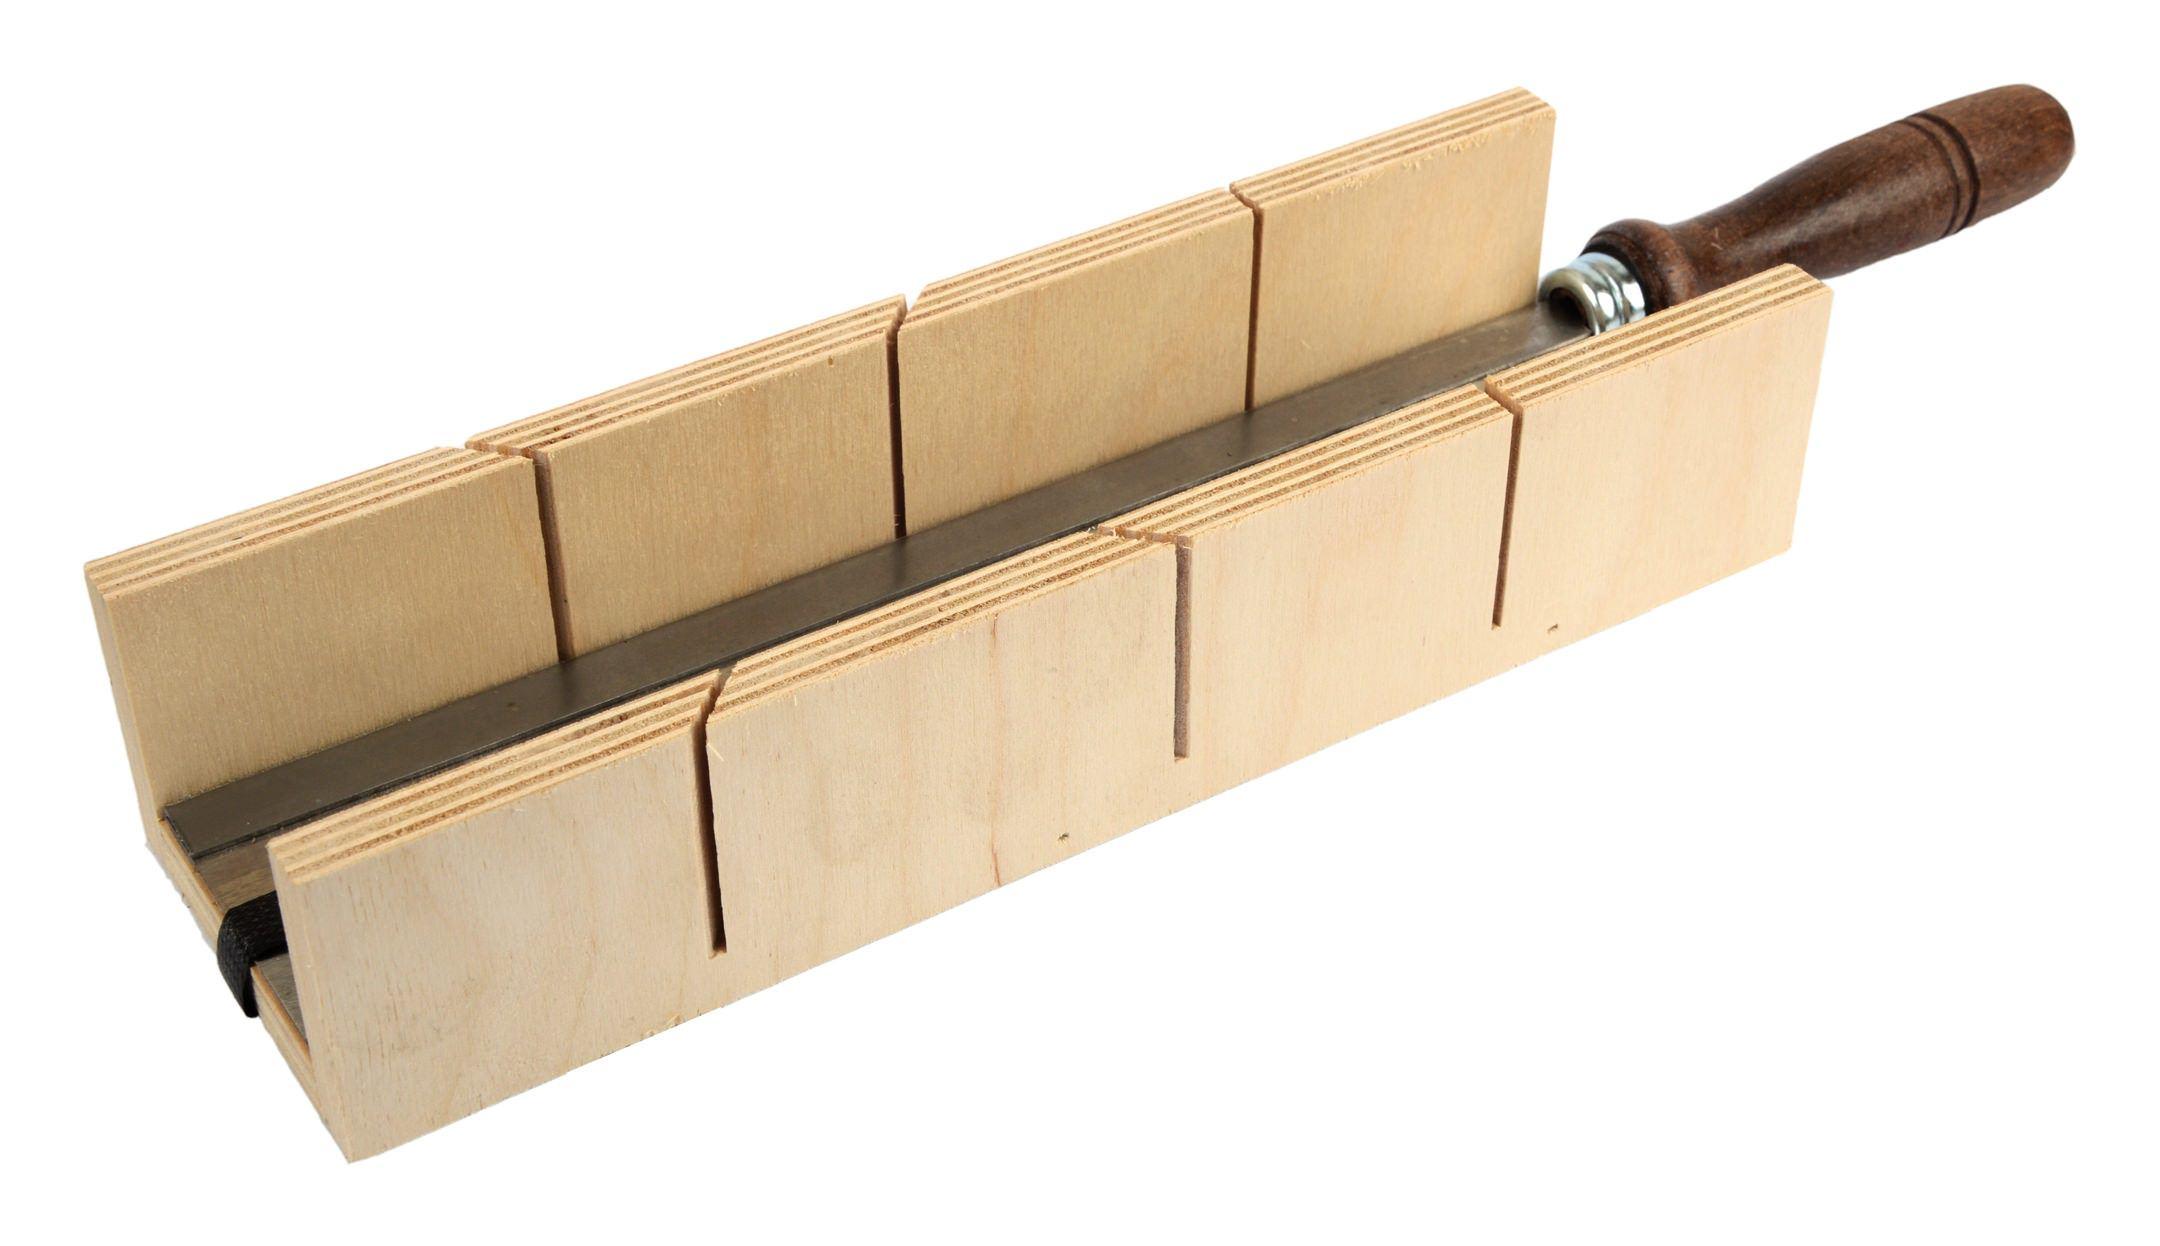 Fortis Schneidlade mit Feinsäge 300 x 57 x 40mm